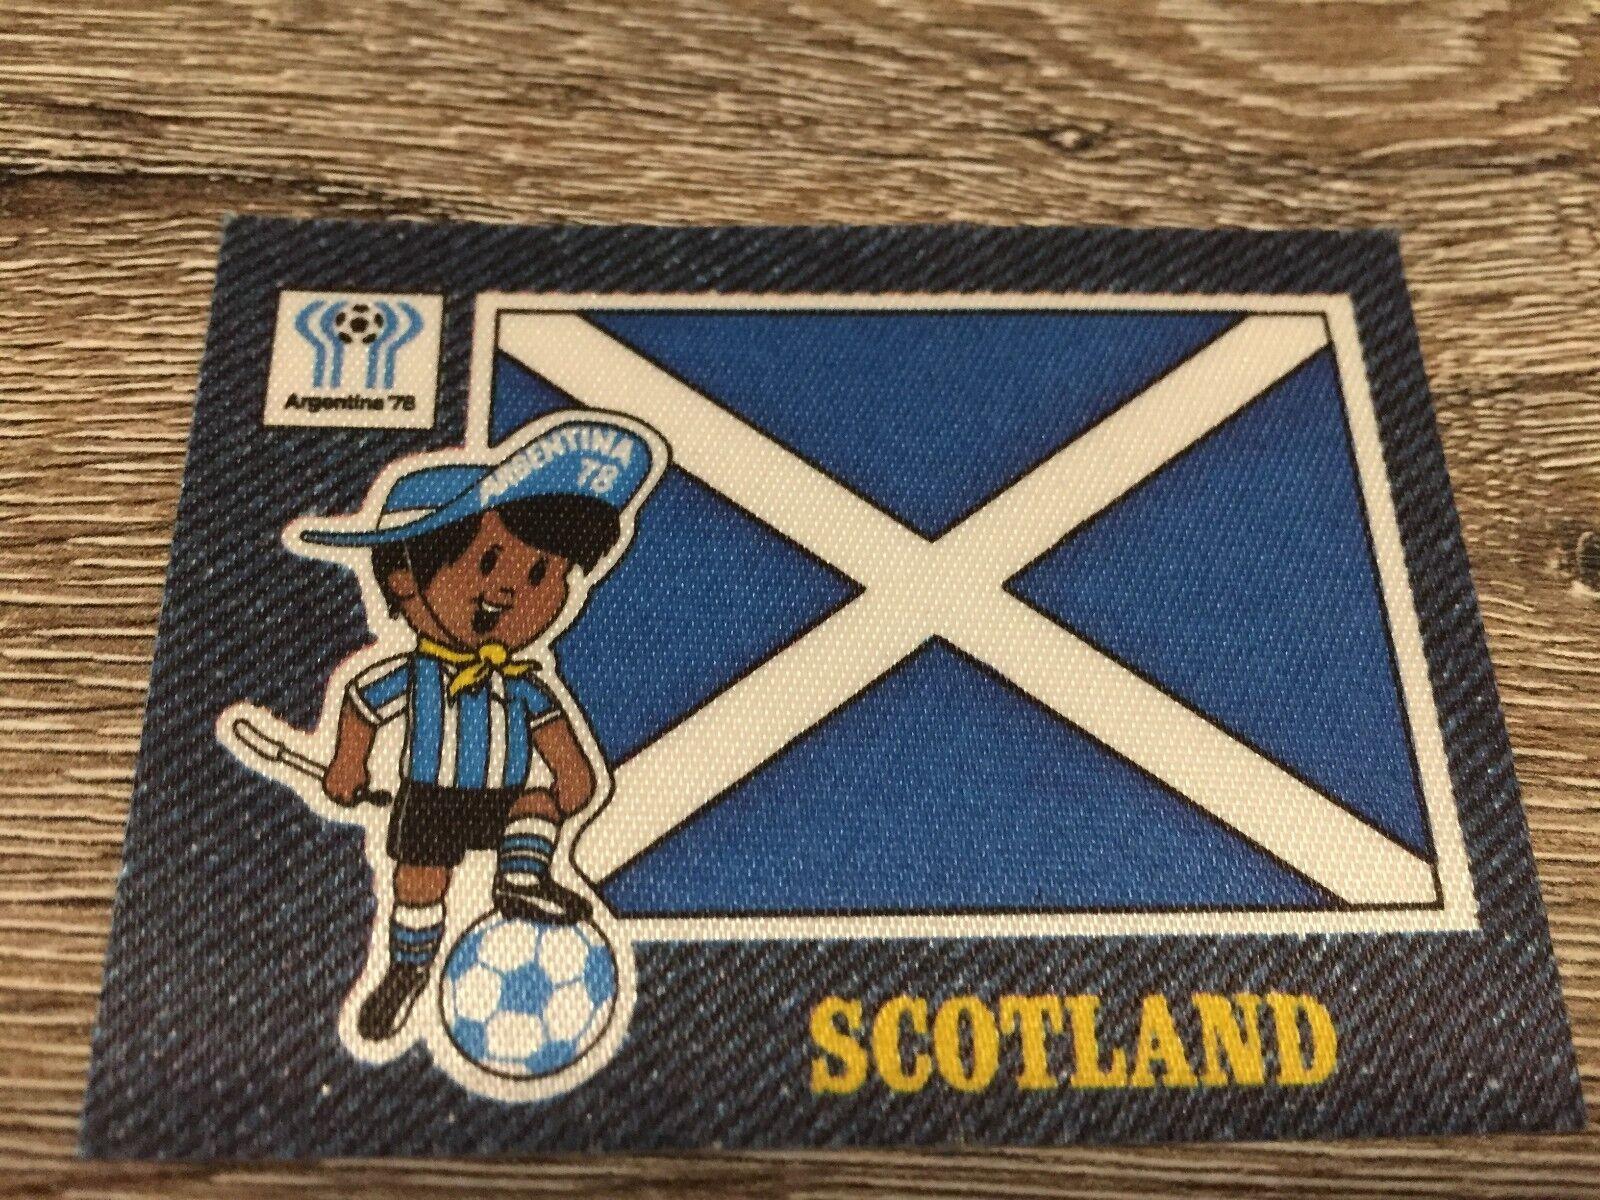 Panini Jean's Fussball 1978 - Sticker 78 - Scotland